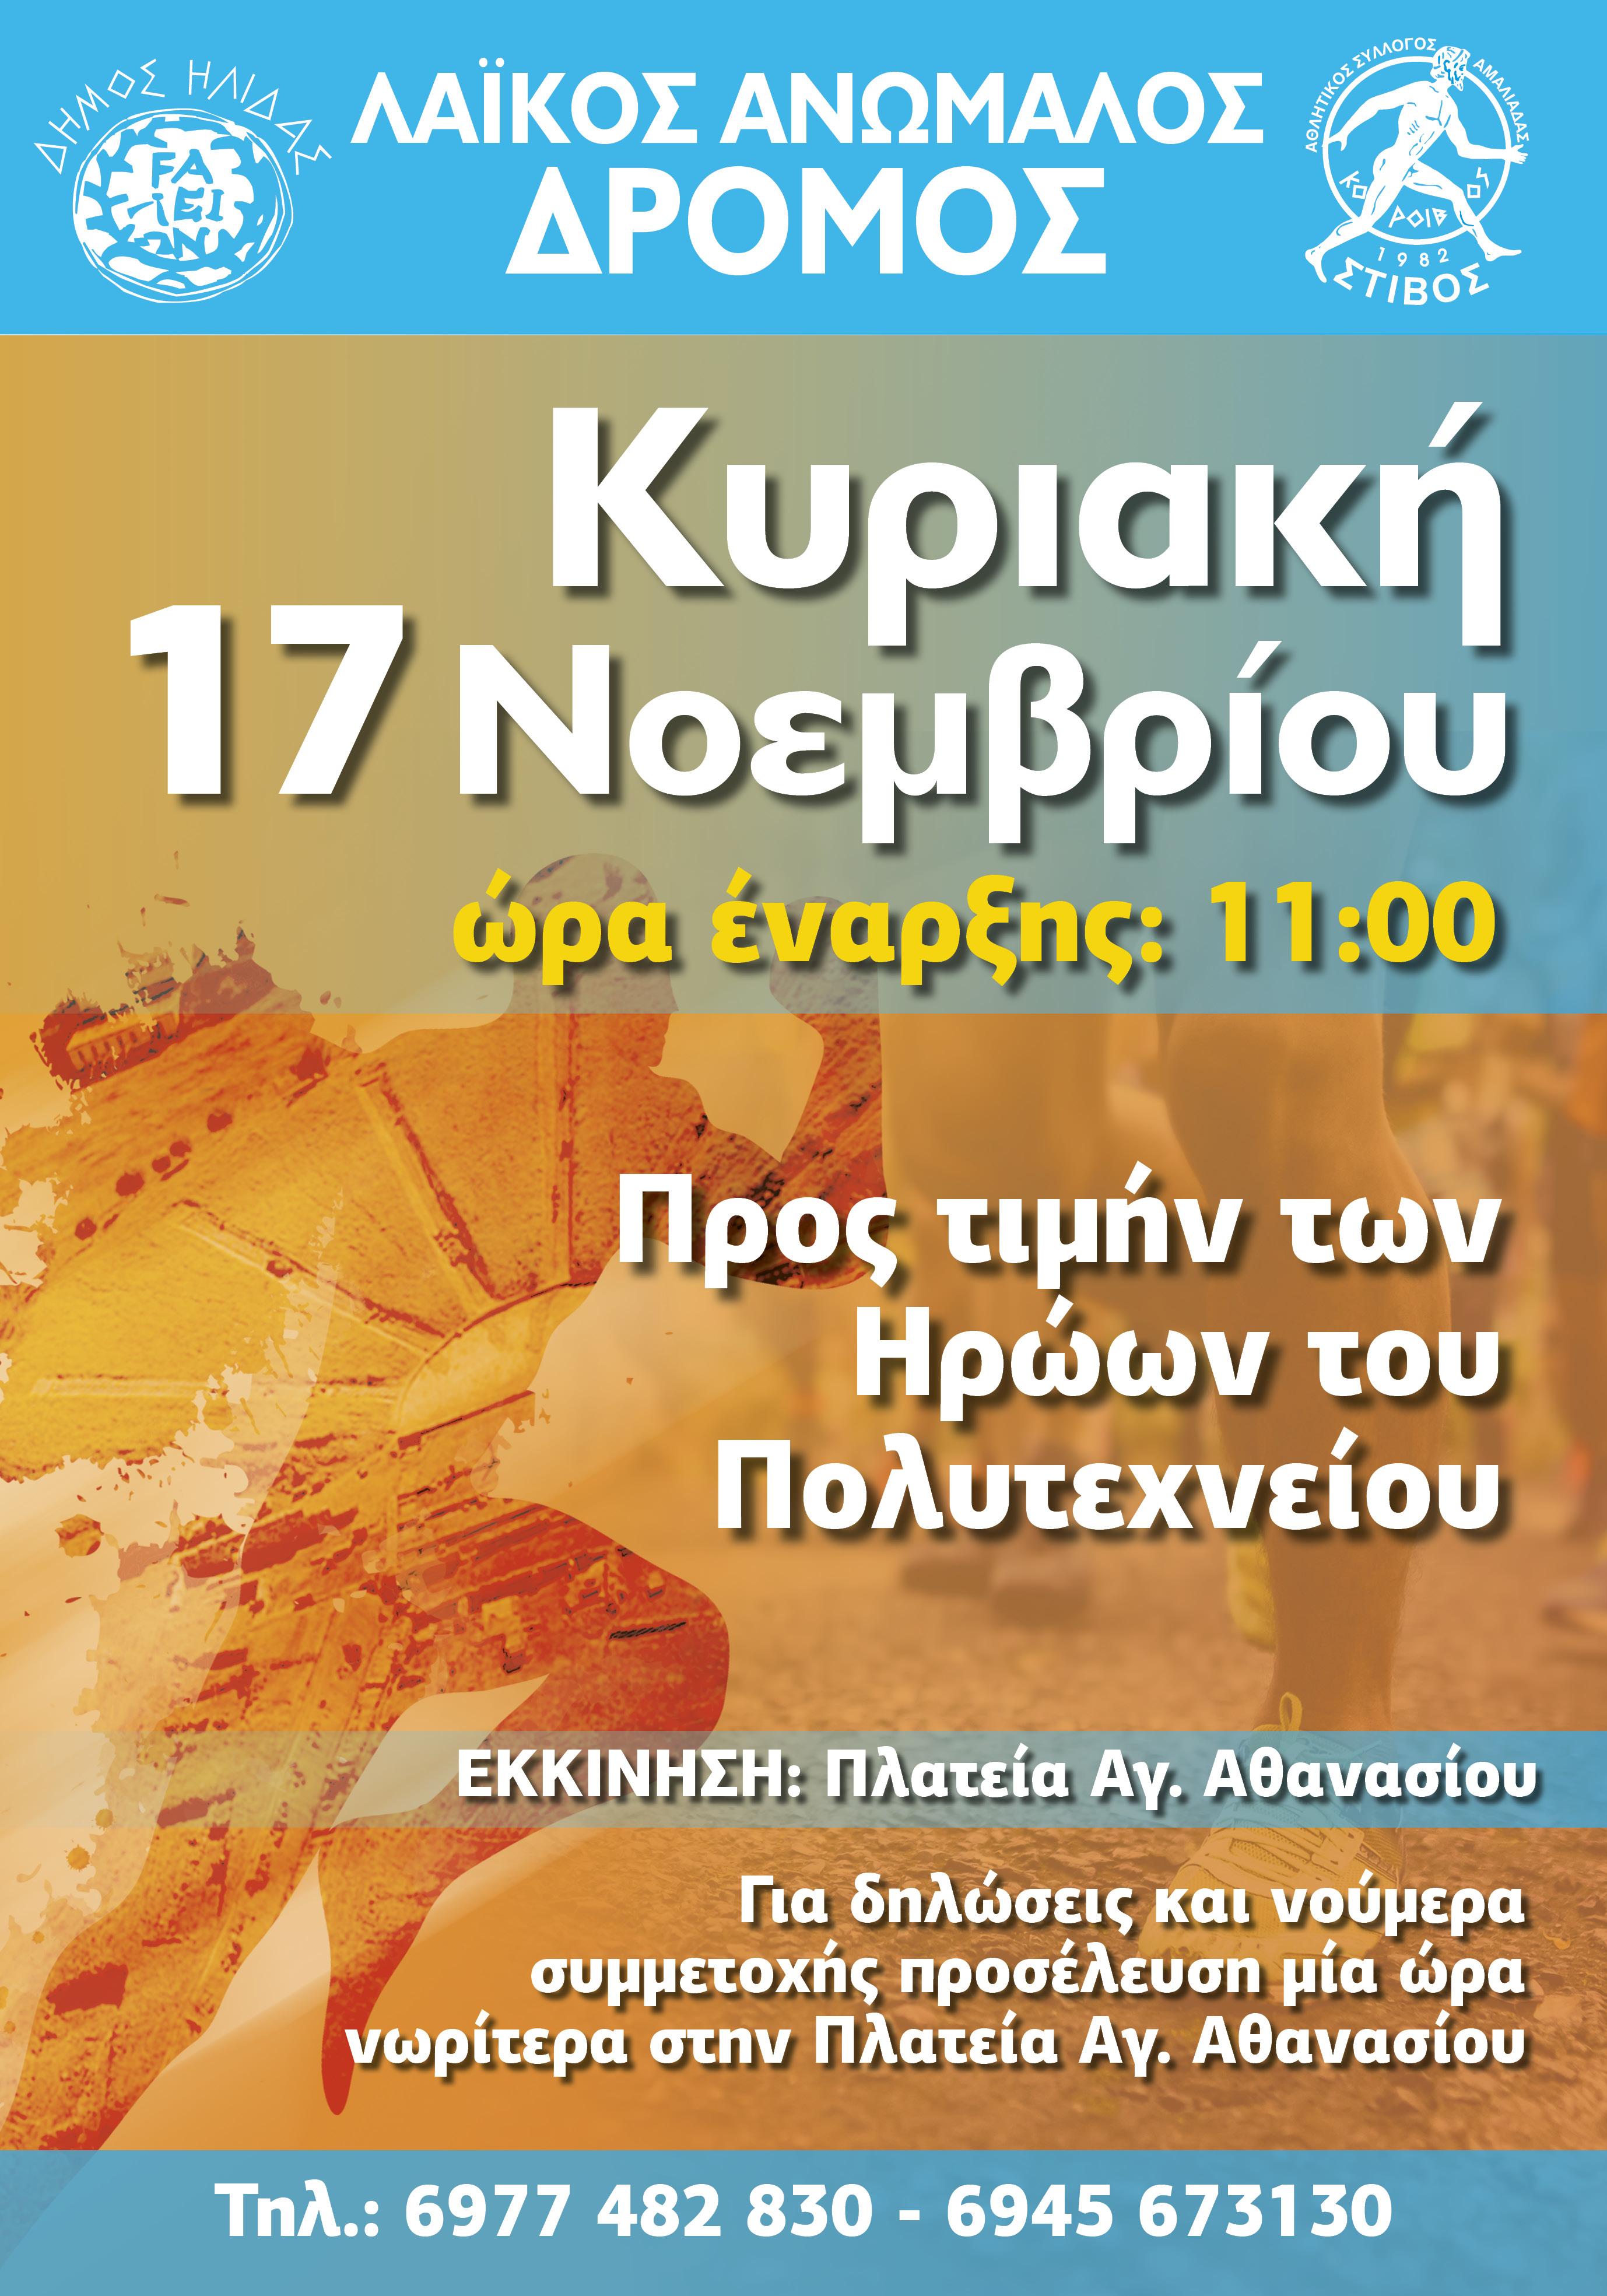 Δήμος Ήλιδας: Λαϊκός Ανώμαλος Δρόμος προς τιμήν των ηρώων του Πολυτεχνείου την Κυριακή 17/11 στην Αμαλιάδα